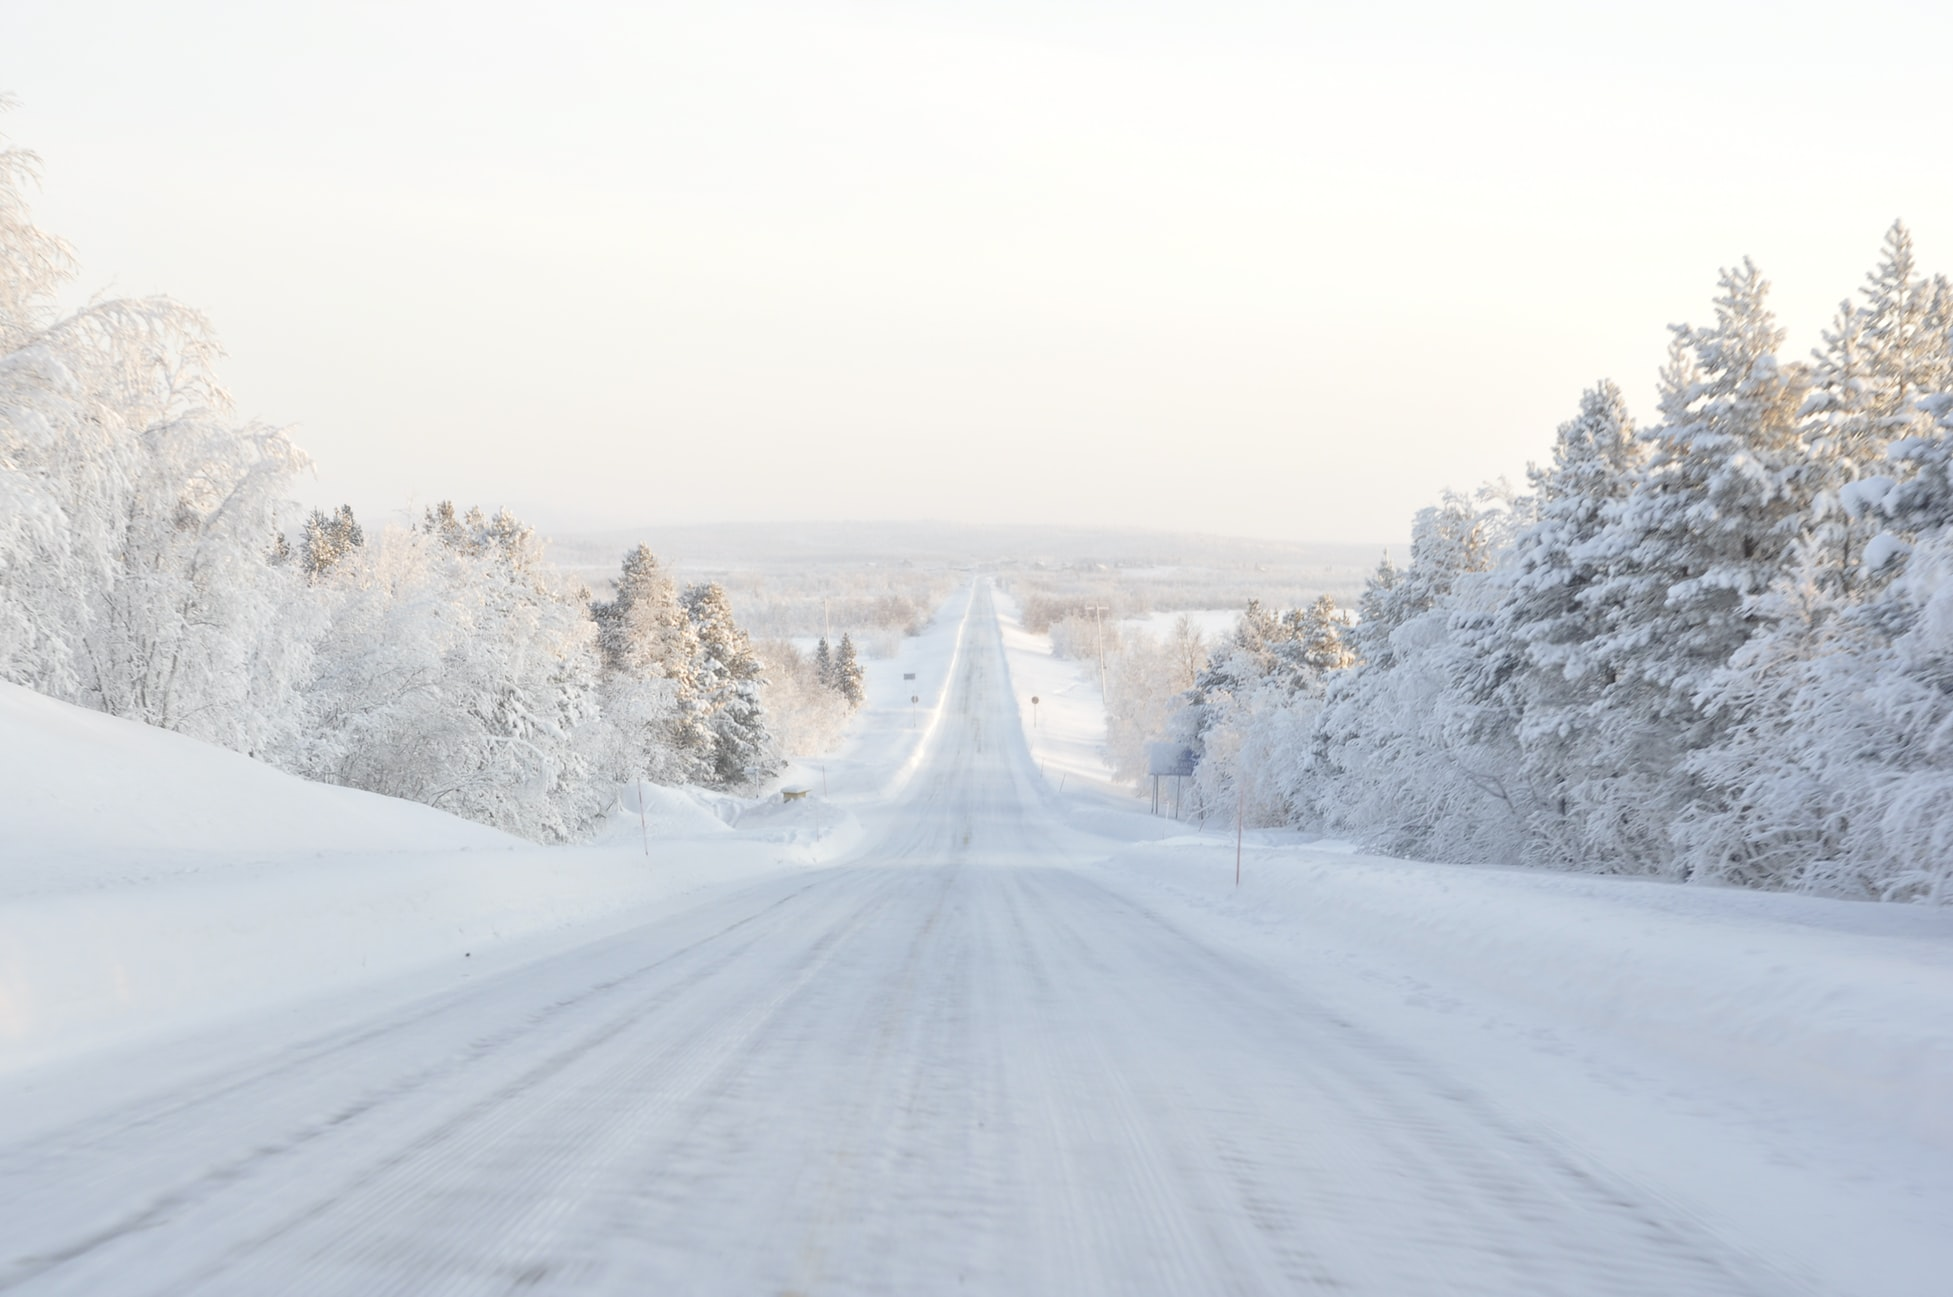 finlandia, paesi più freddi al mondo, paesi con temperature più basse